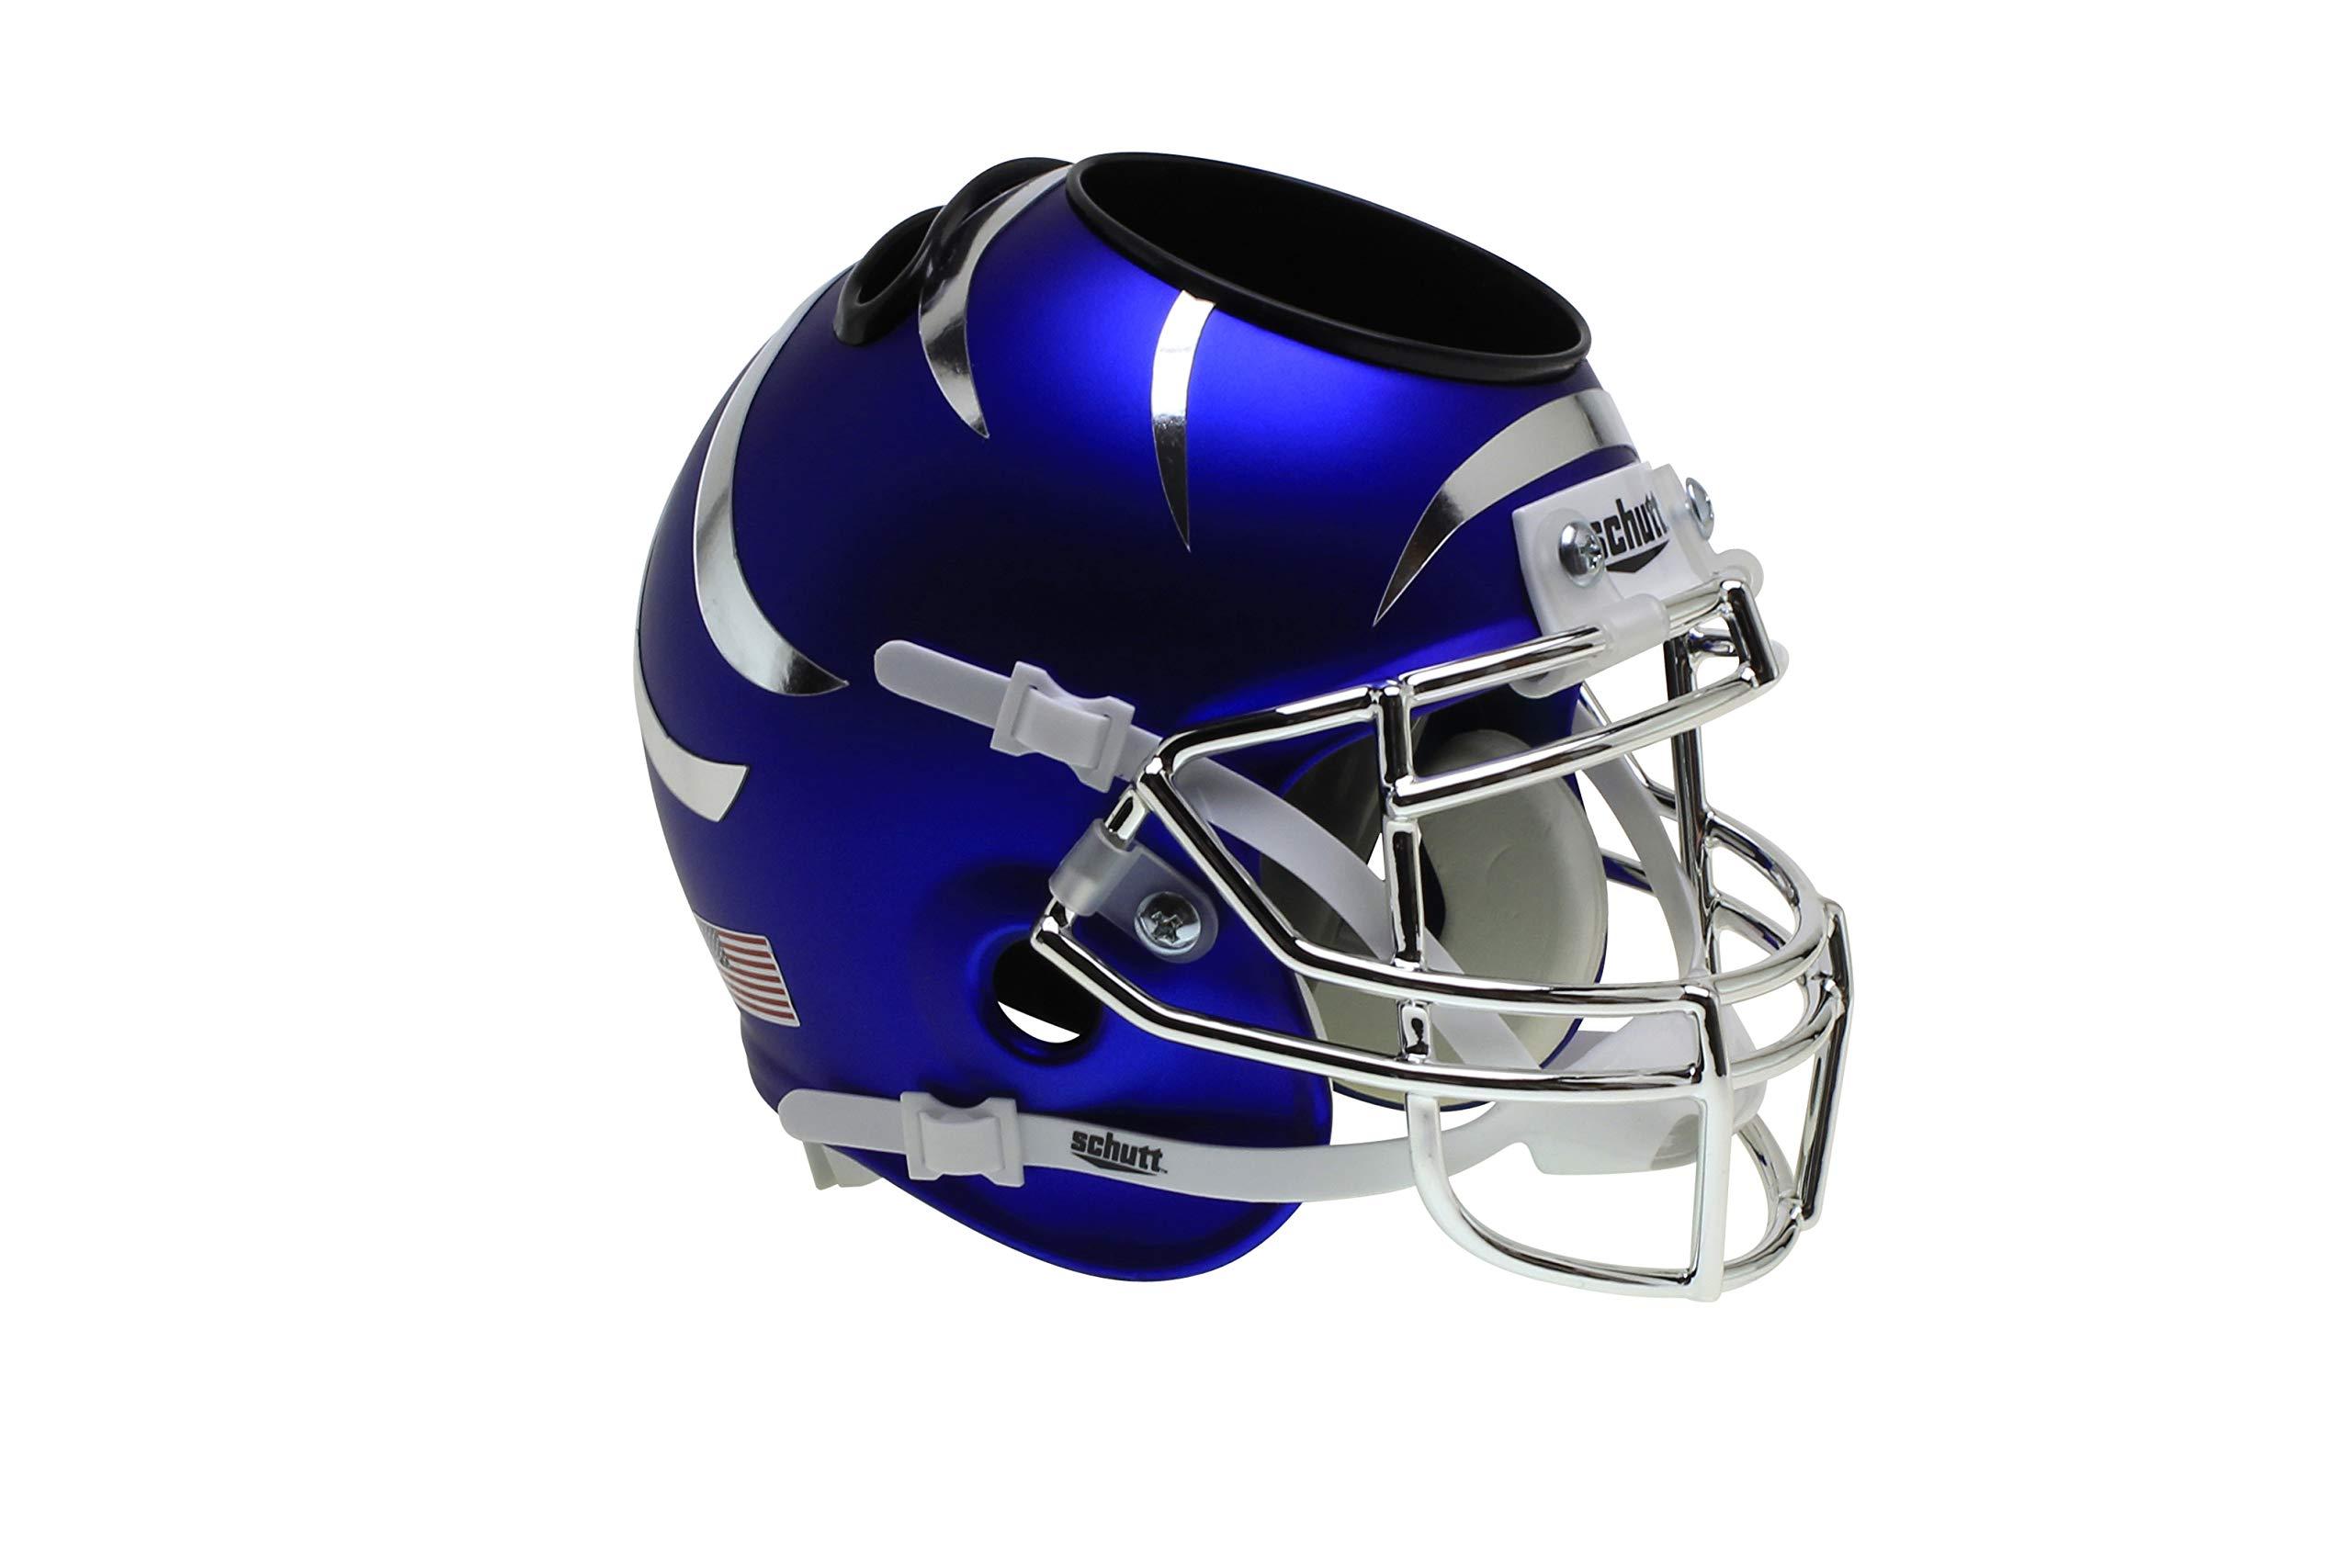 Schutt NCAA Memphis Tigers Football Helmet Desk Caddy